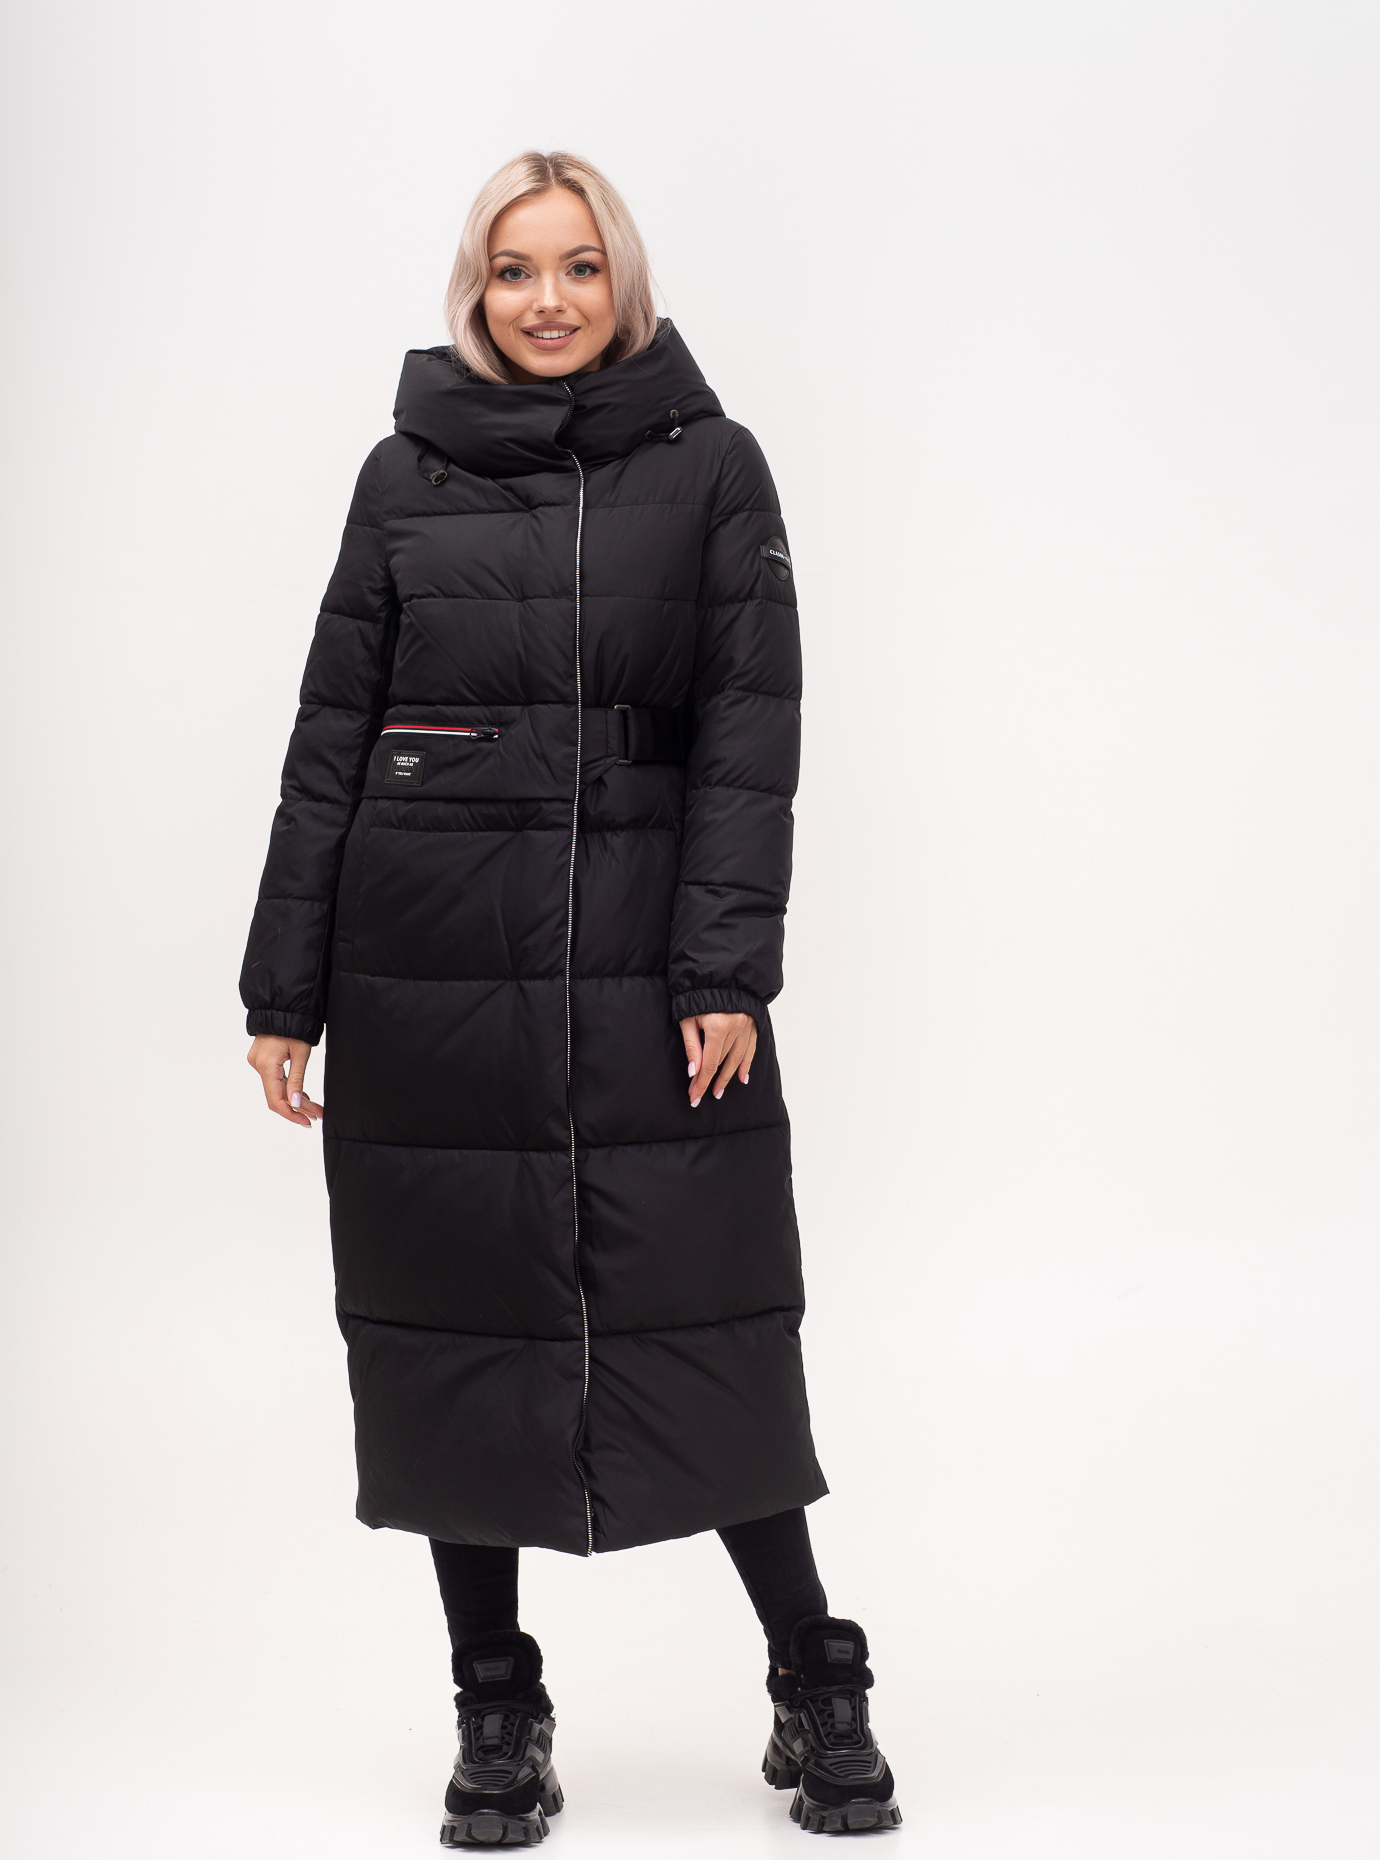 Куртка зимняя длинная приталенная Чёрный S (01-N200604): фото - Alster.ua